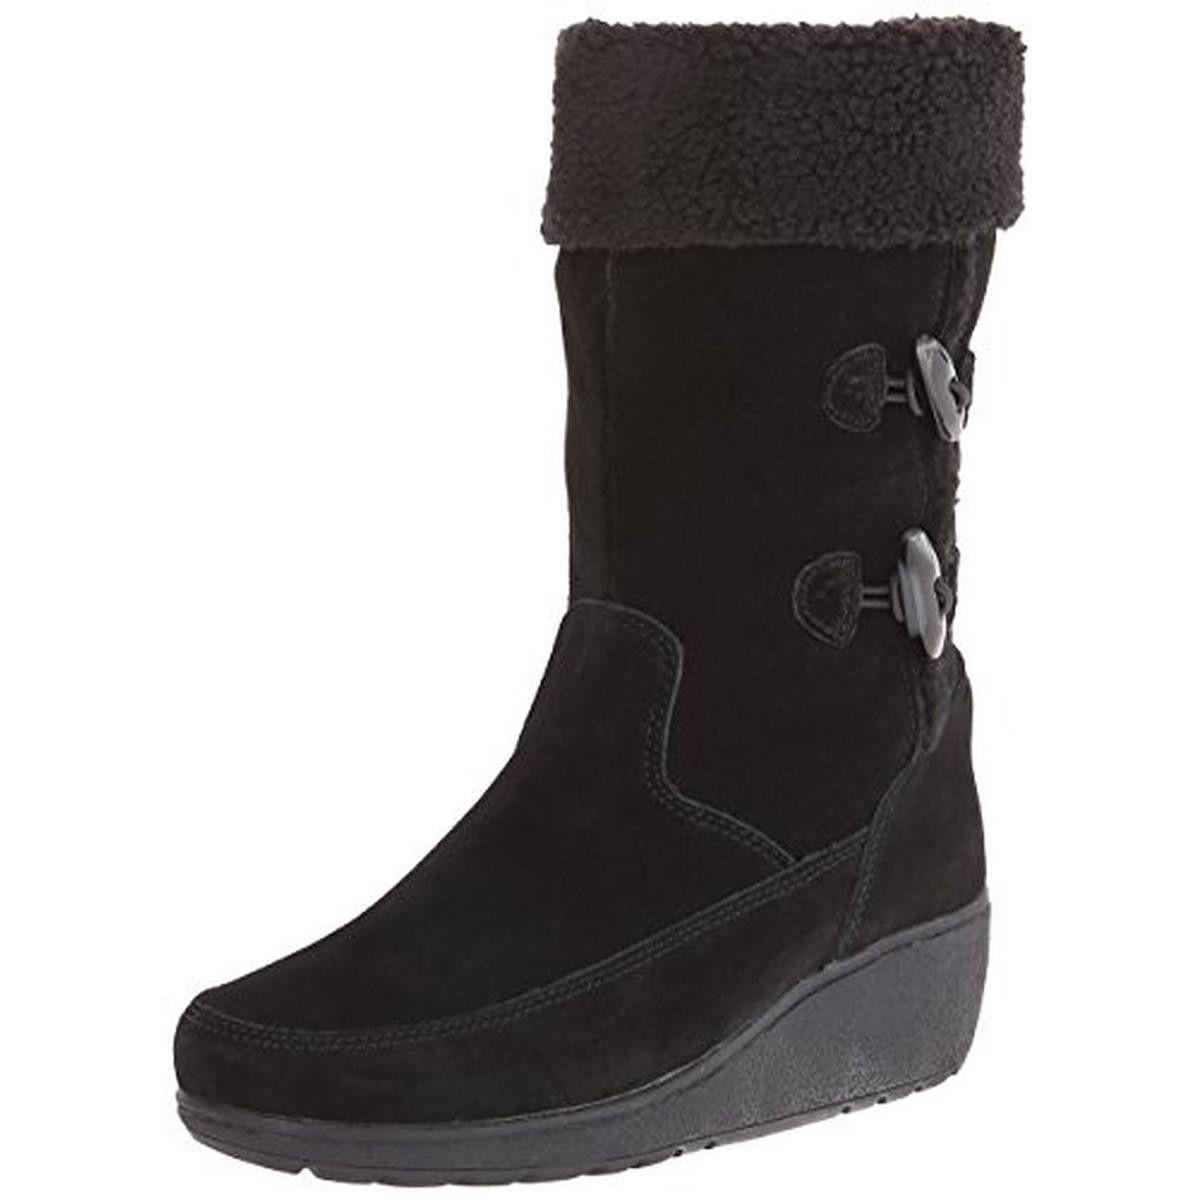 Khombu Womens Clara Suede Mid-Calf Snow Boots